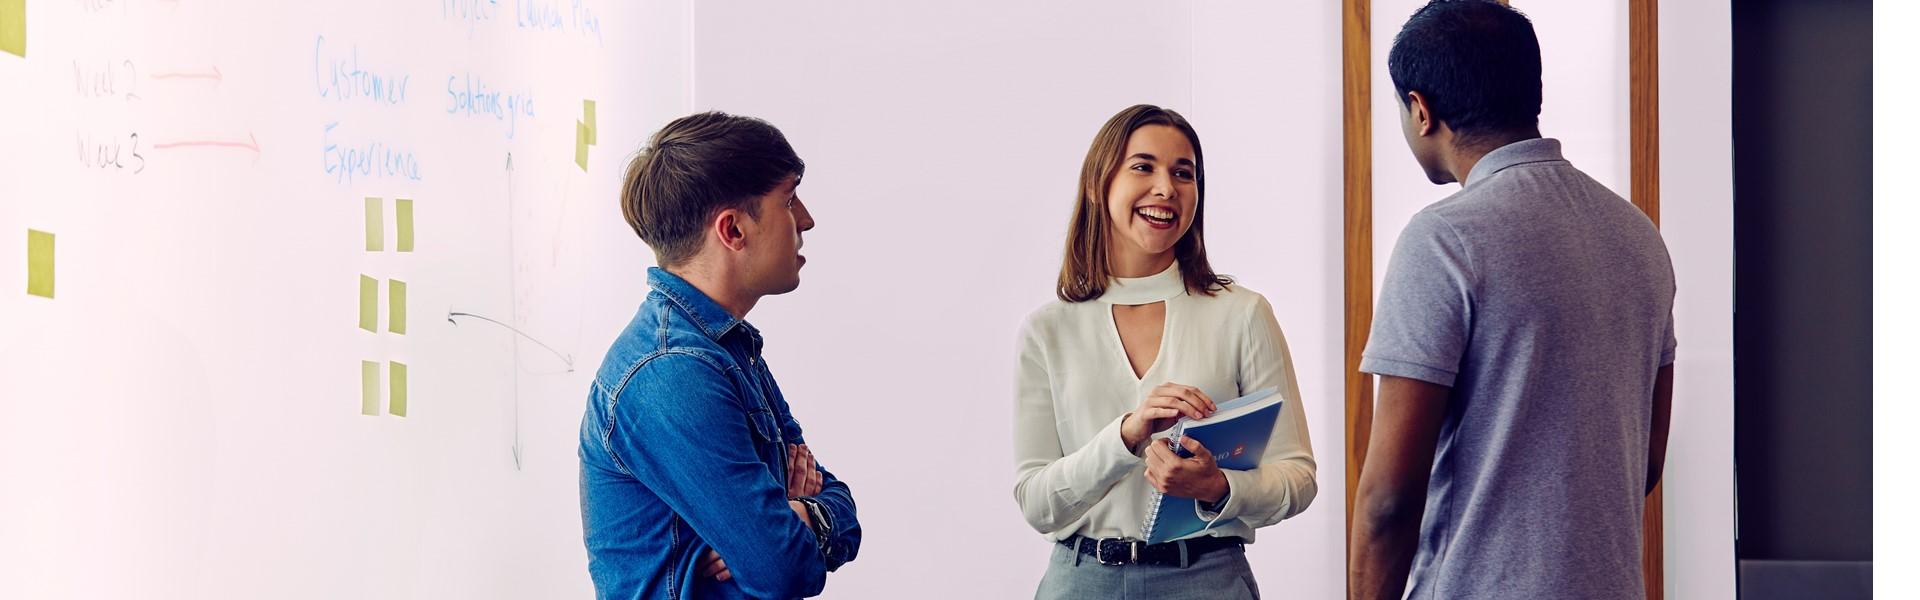 Trois employés discutant dans la salle de conférence